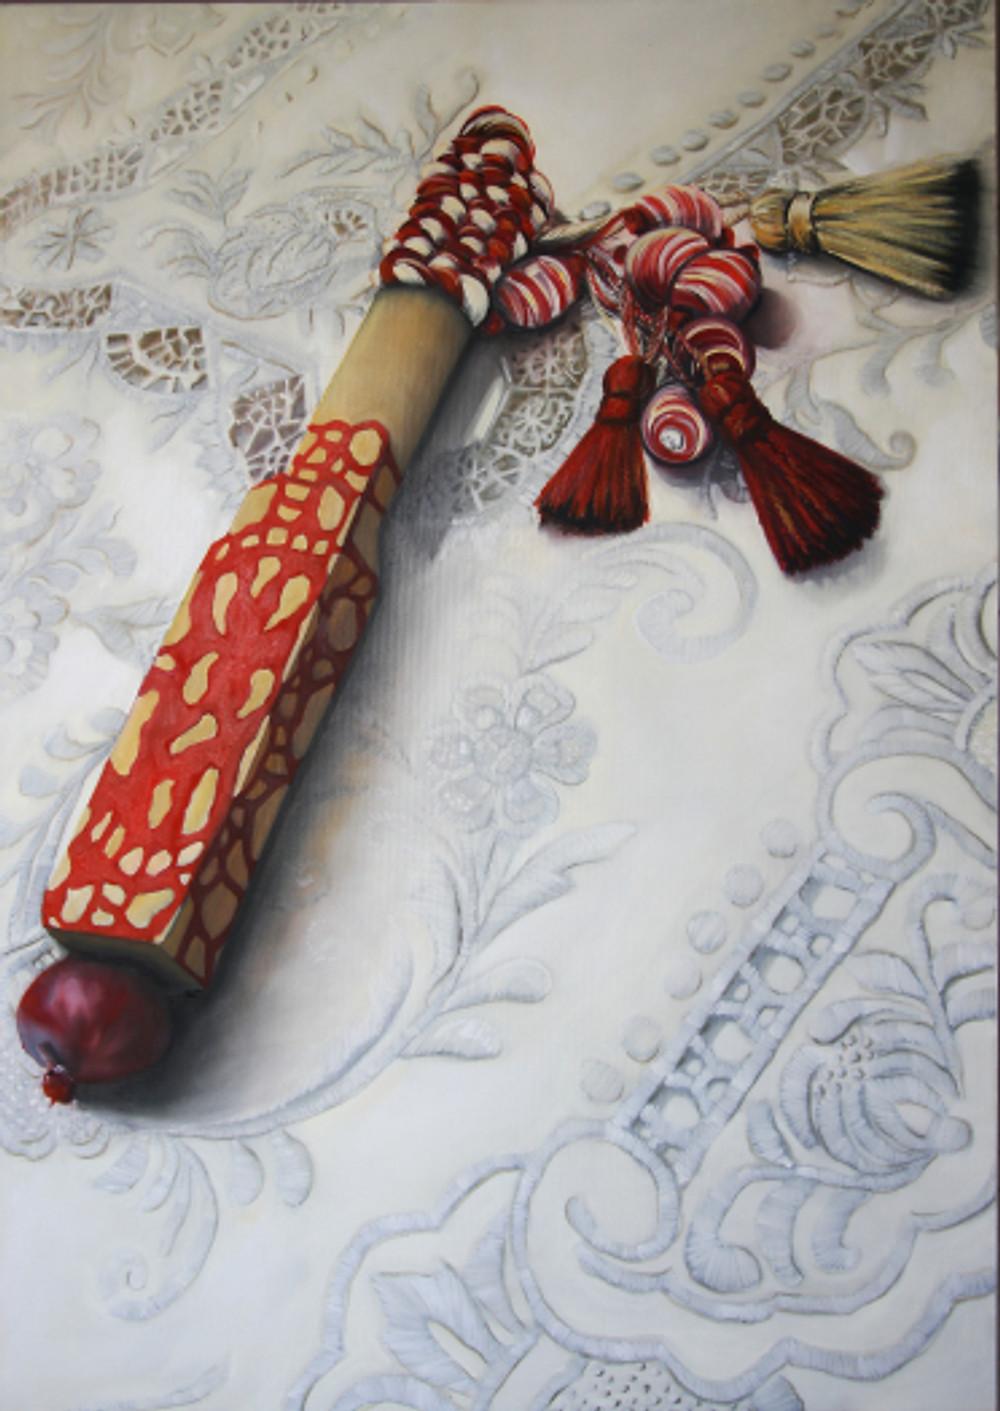 άτιτλο, 70Χ100εκ, λάδι σε καμβά, 2017 untitled, 70X100cm, oil on canvas, 2017